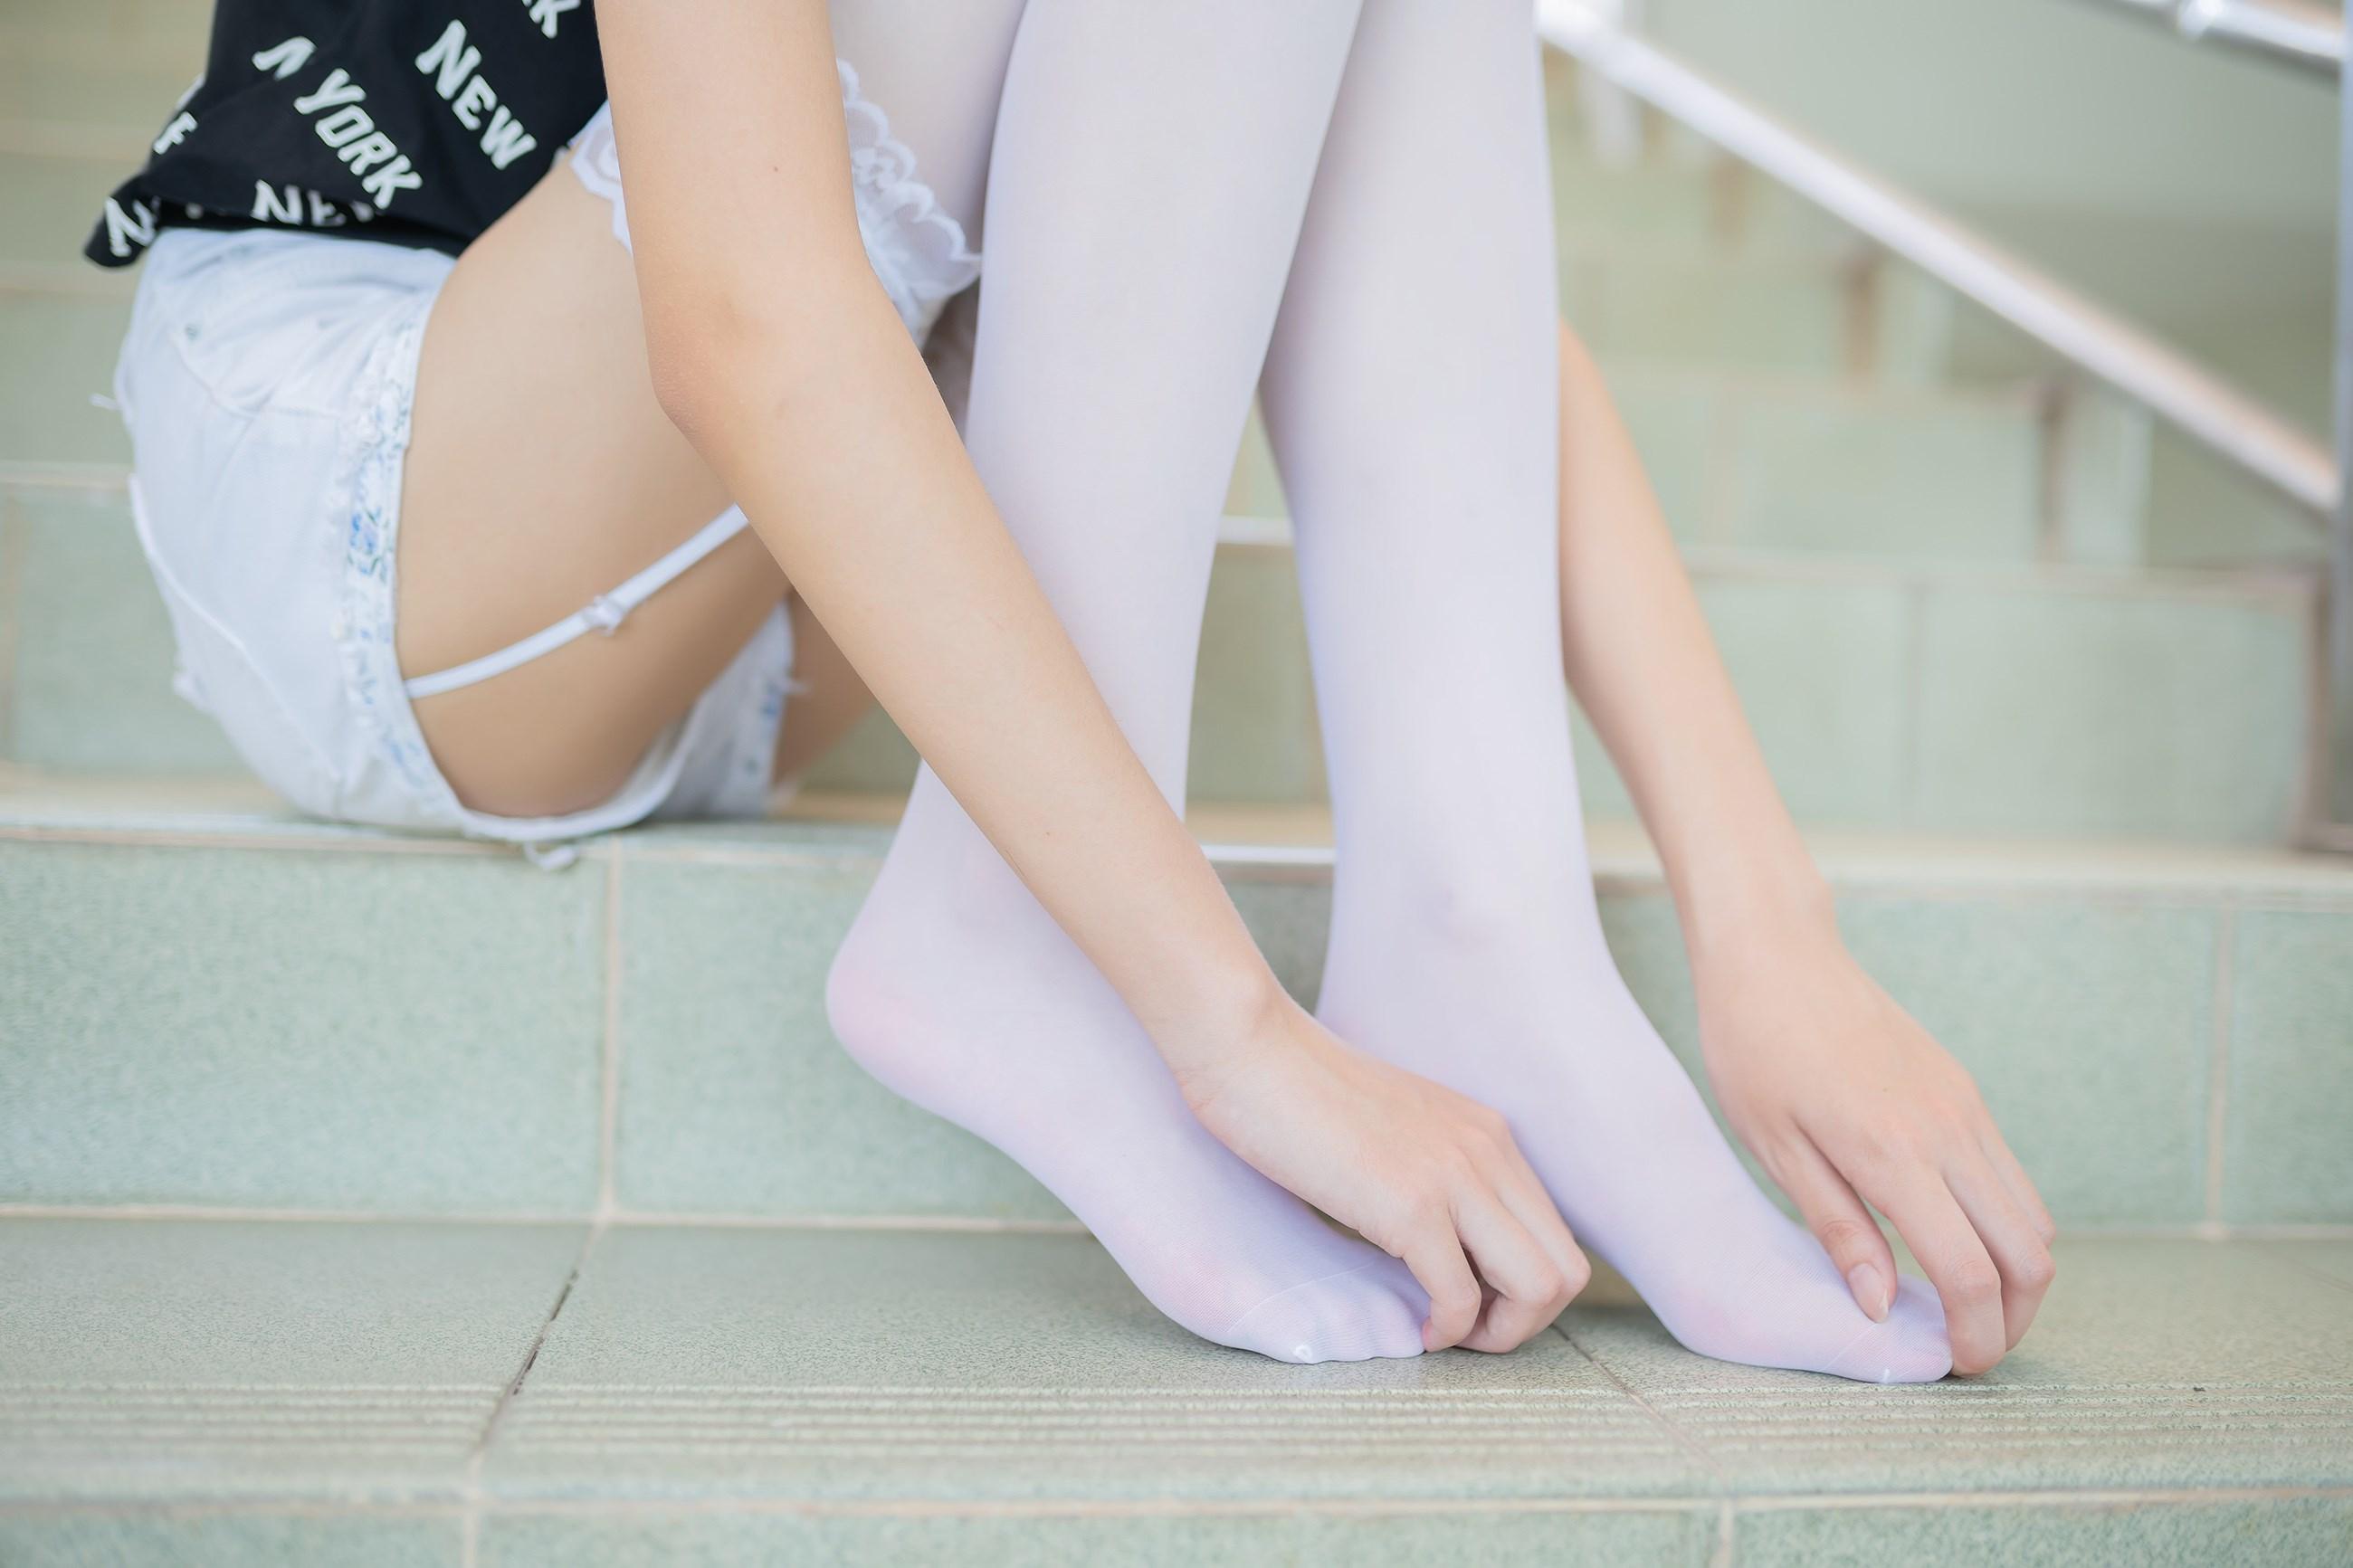 【兔玩映画】白丝吊带袜 兔玩映画 第23张